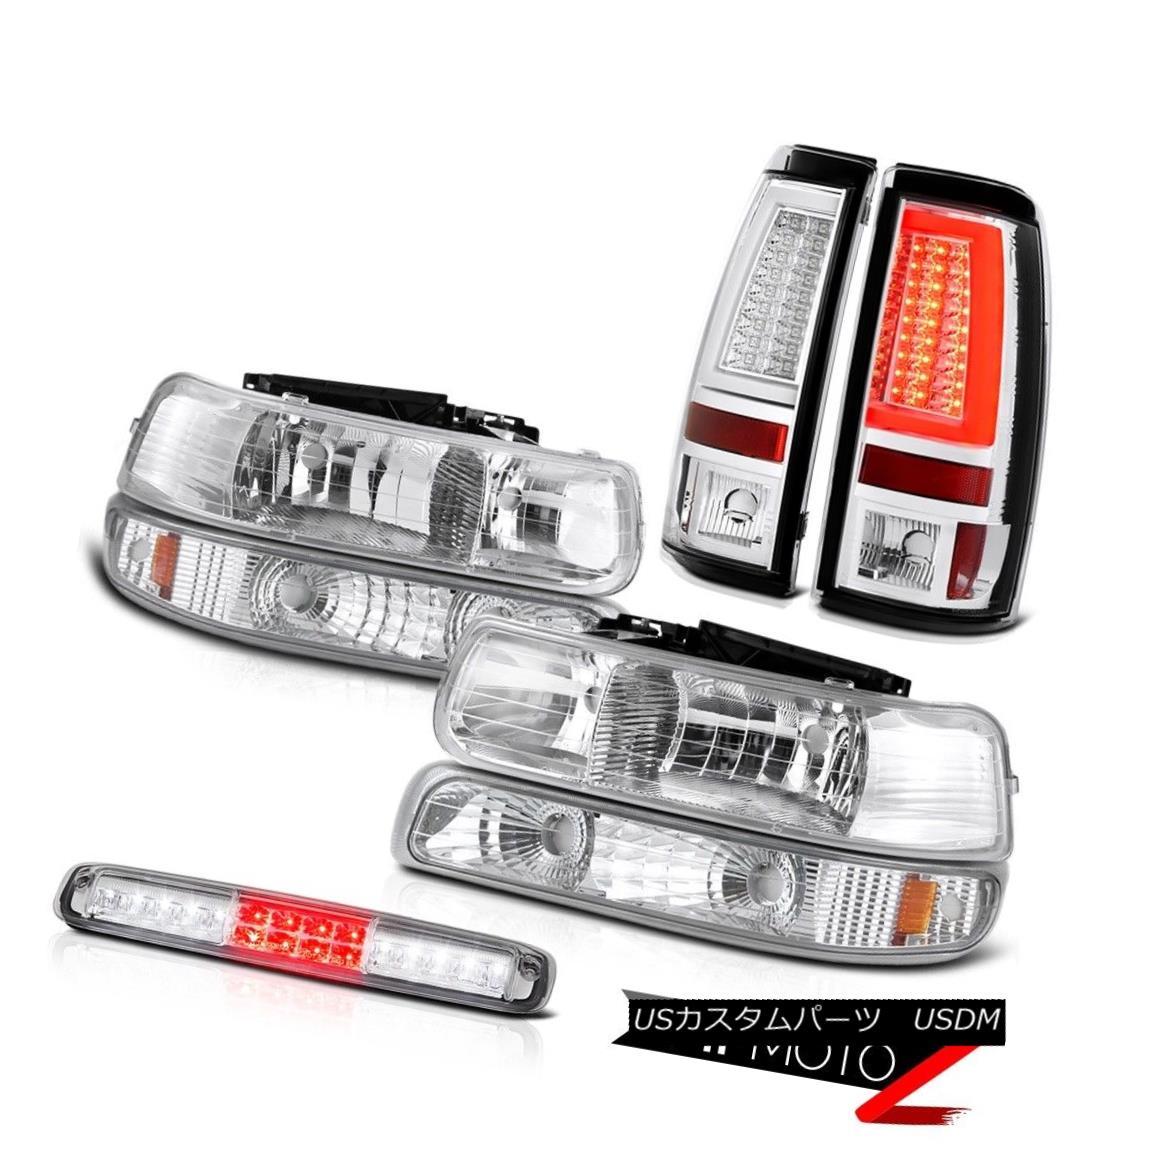 テールライト 99-02 Silverado 4.3L Tail Lamps Headlamps Parking Light High Stop Factory Style 99-02 Silverado 4.3Lテールランプヘッドランプパーキングライトハイストップファクトリースタイル